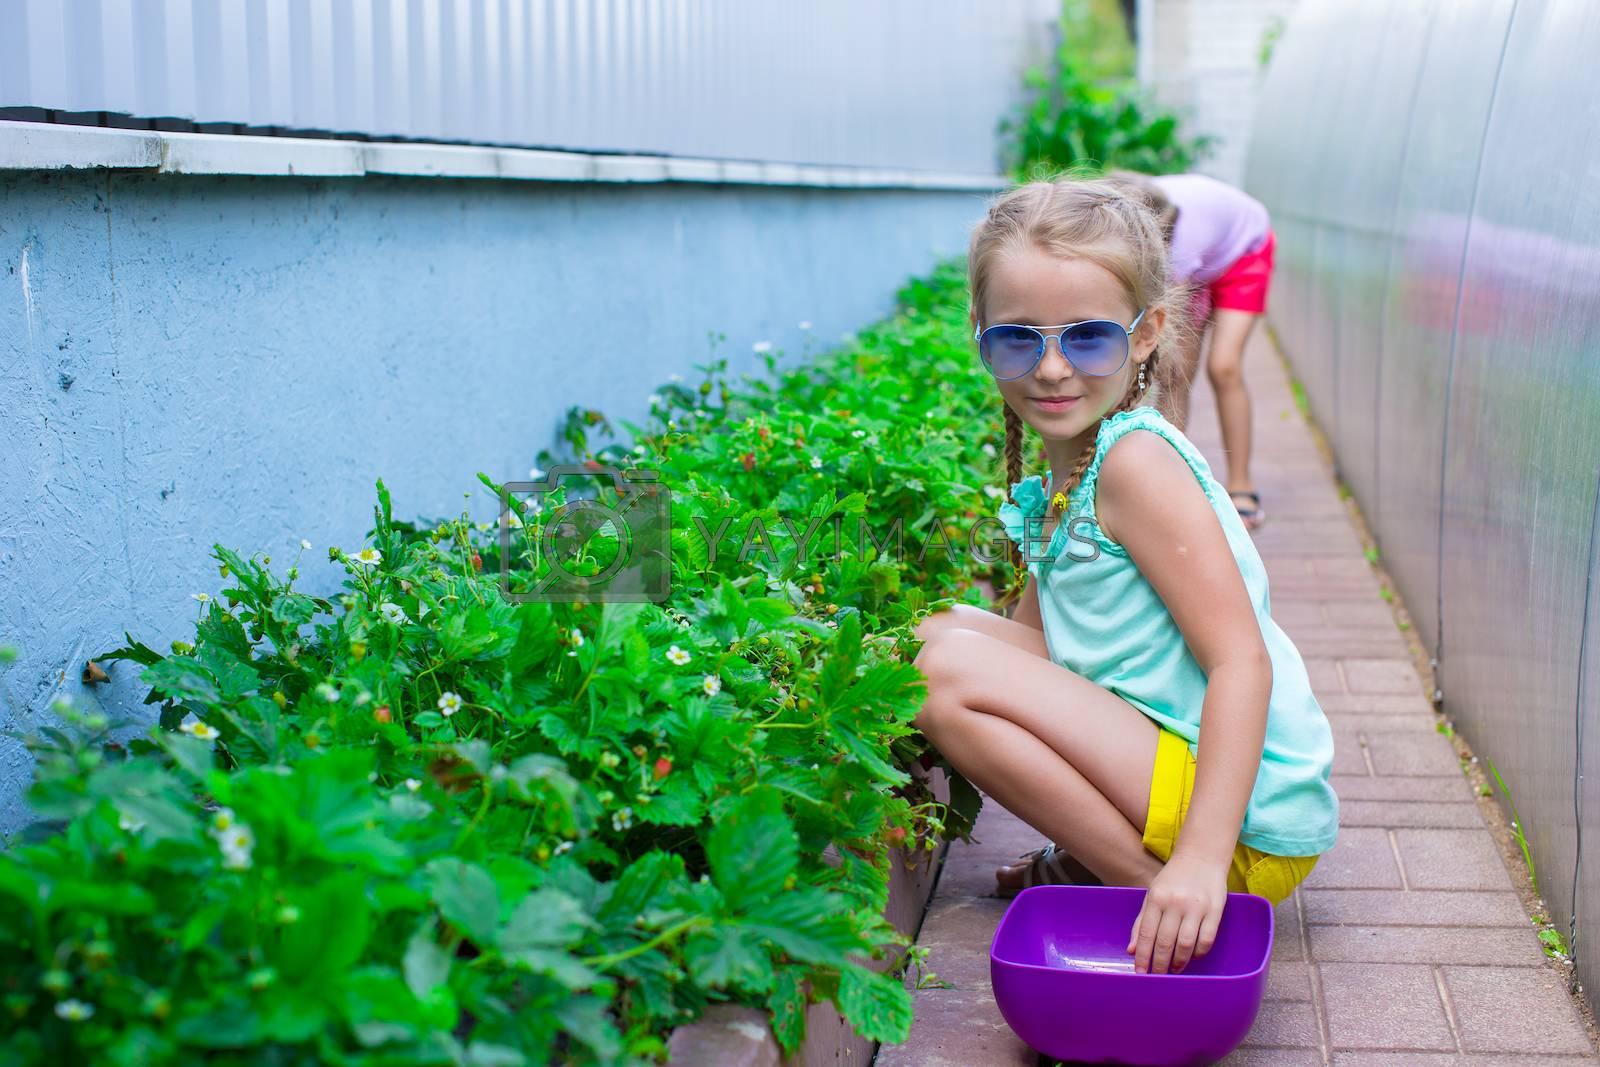 Portrait of cute little girl sitting in garden